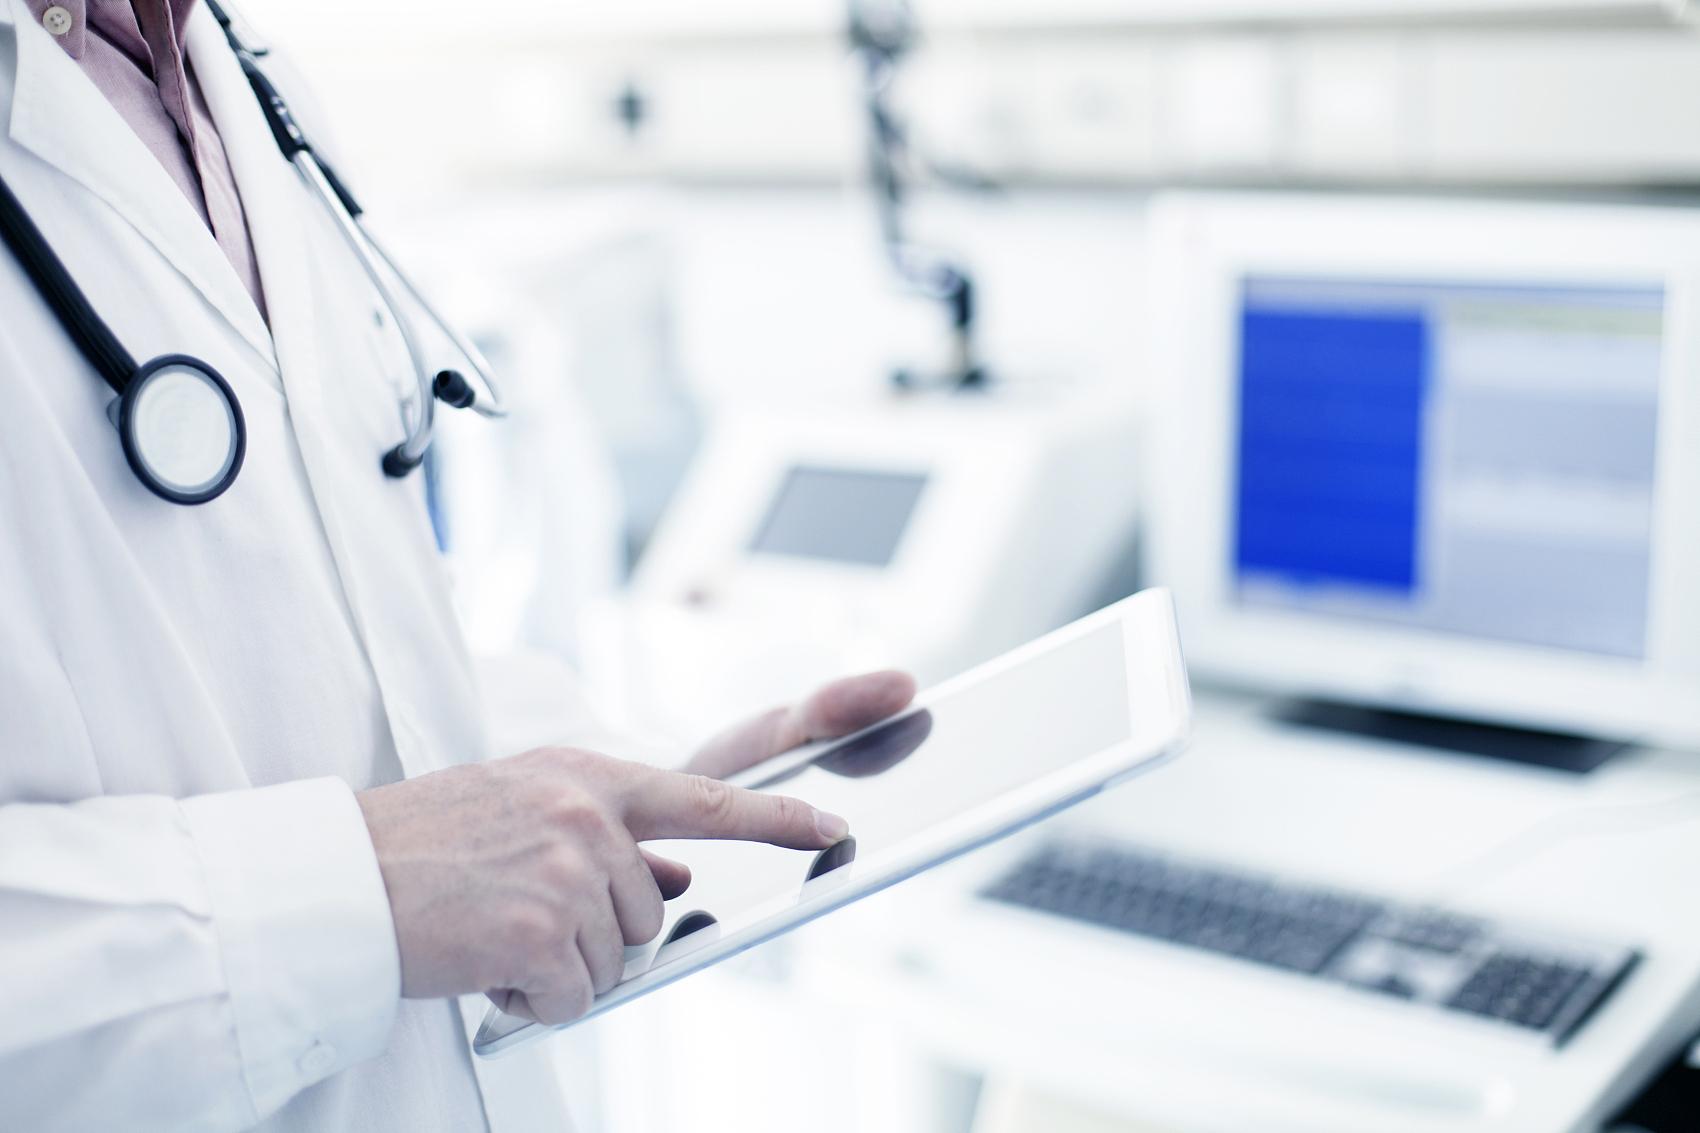 长三角区域医疗器械注册人试点方案公布 业内久盼的政策将带来哪些红利?